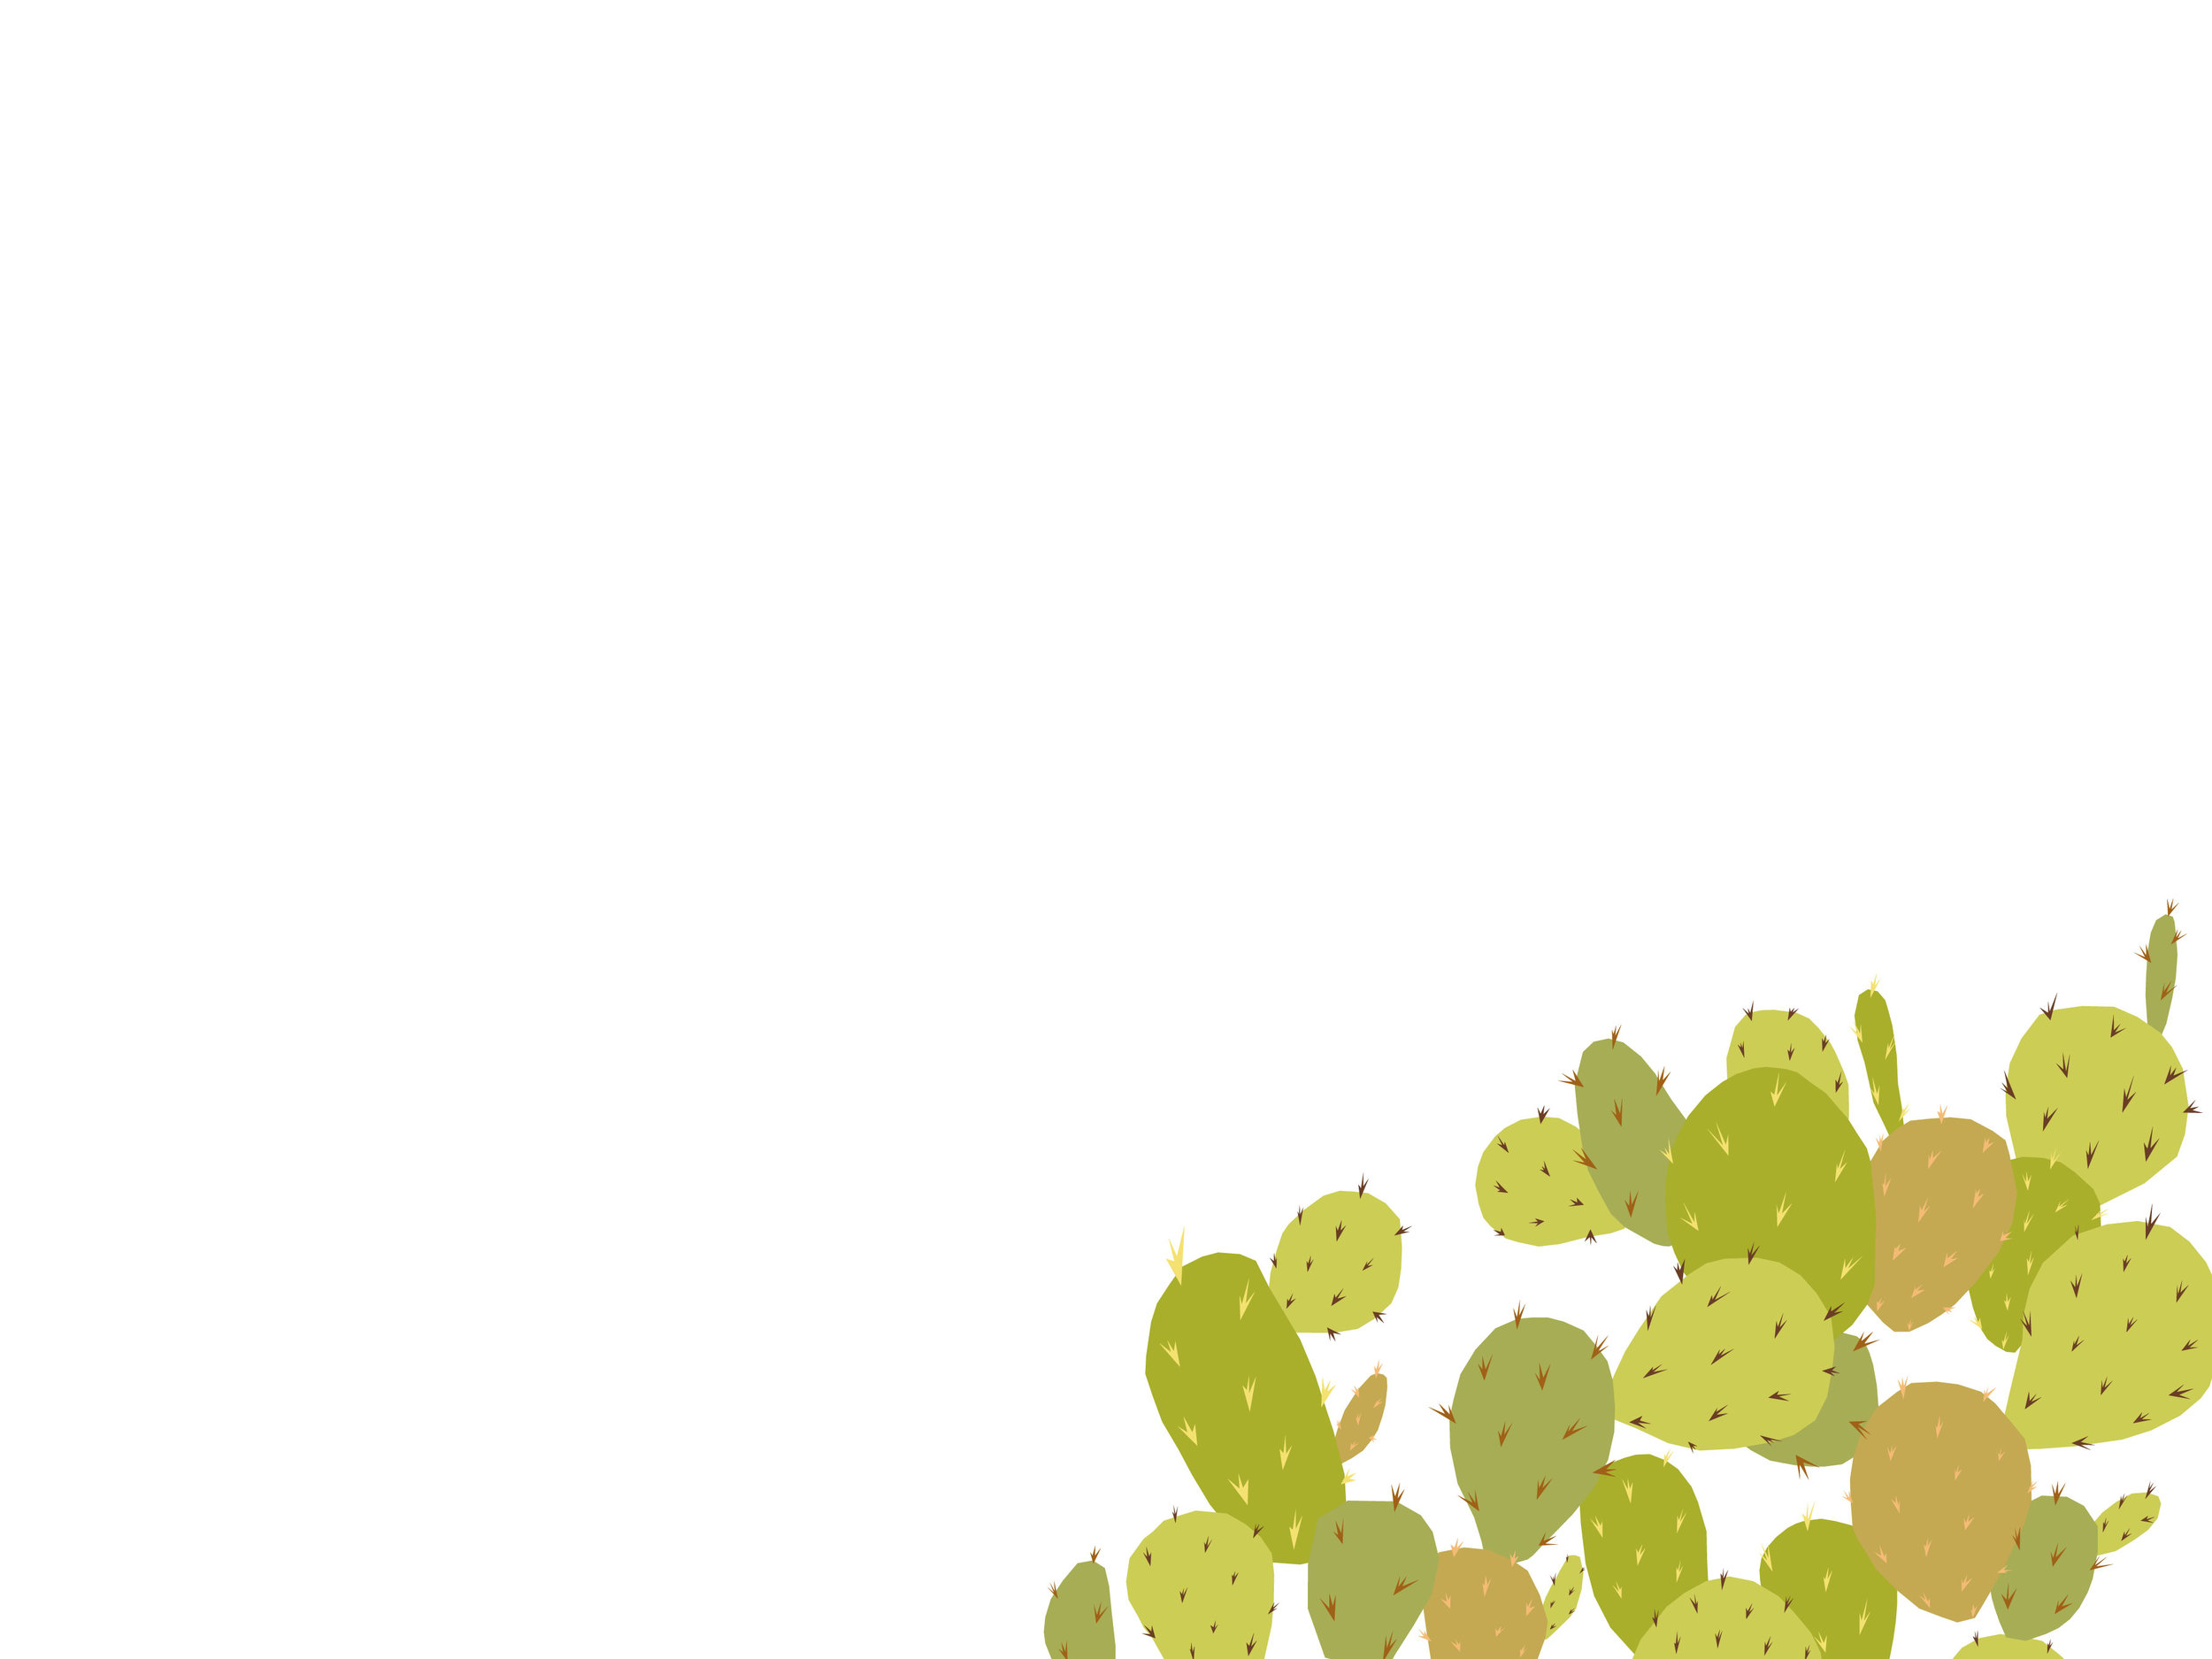 cactus_Artboard 7.jpg